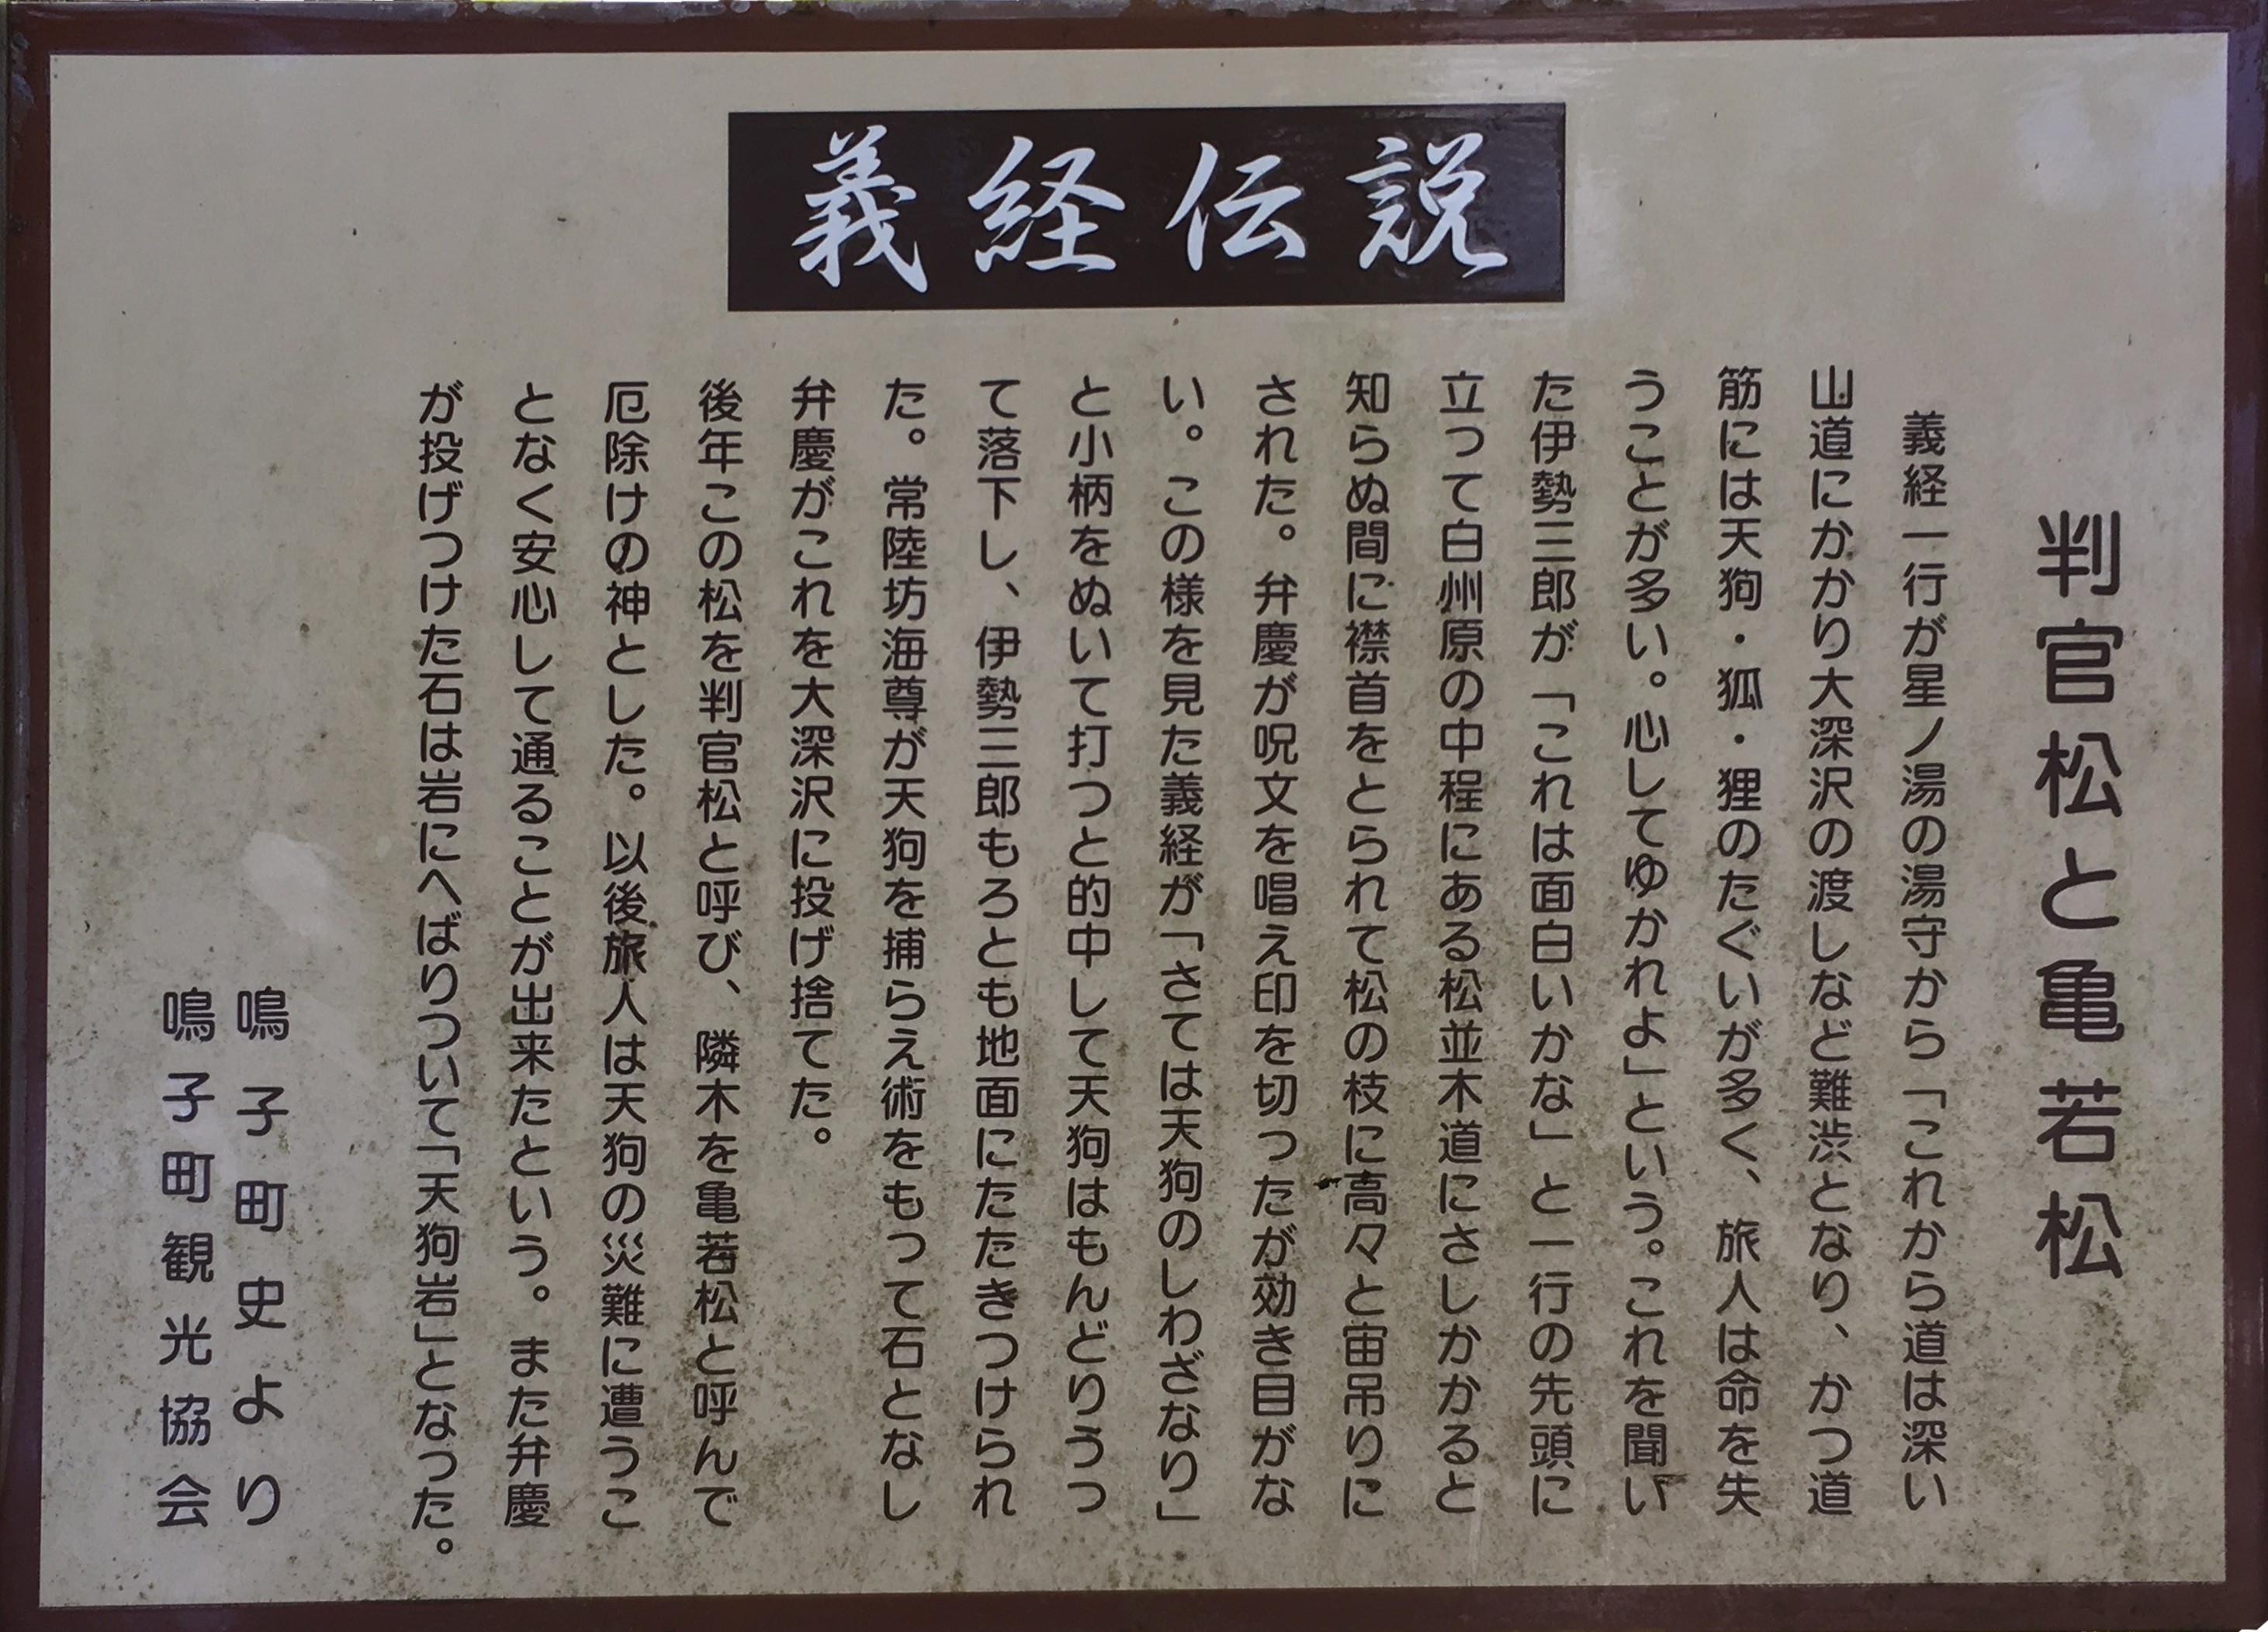 義経伝説判官松と亀若松